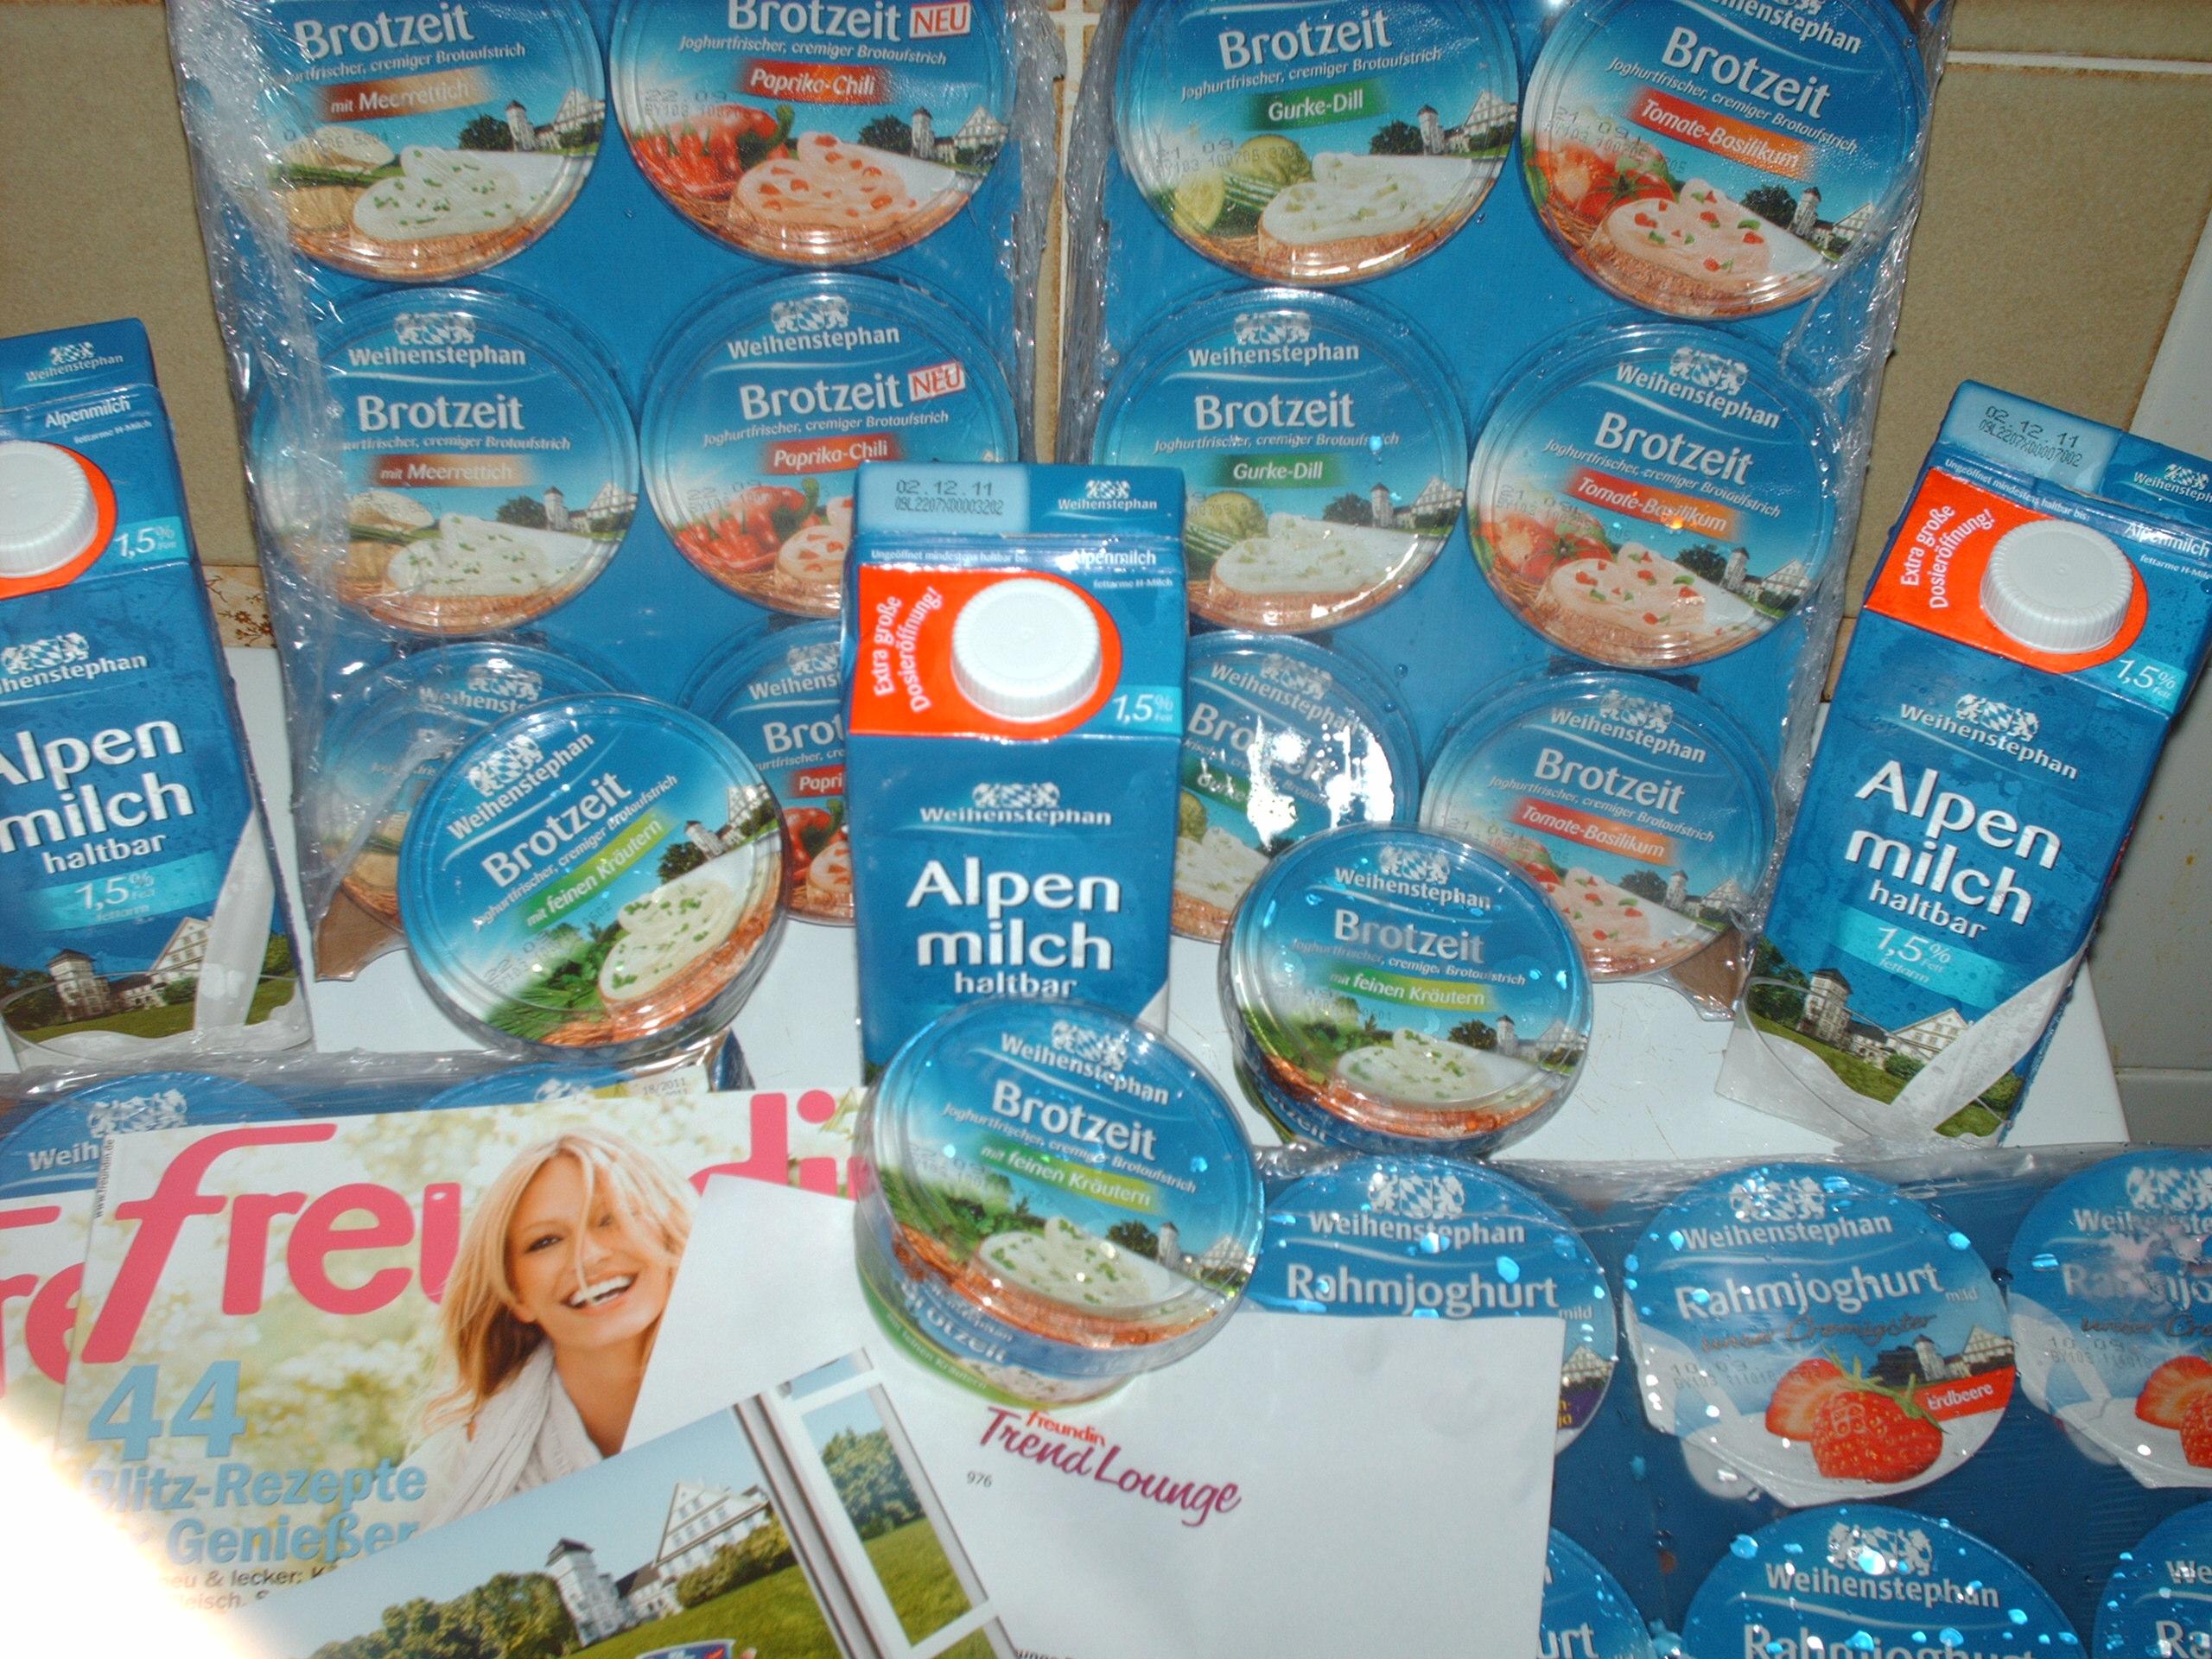 Weihenstephan Alpenmilch